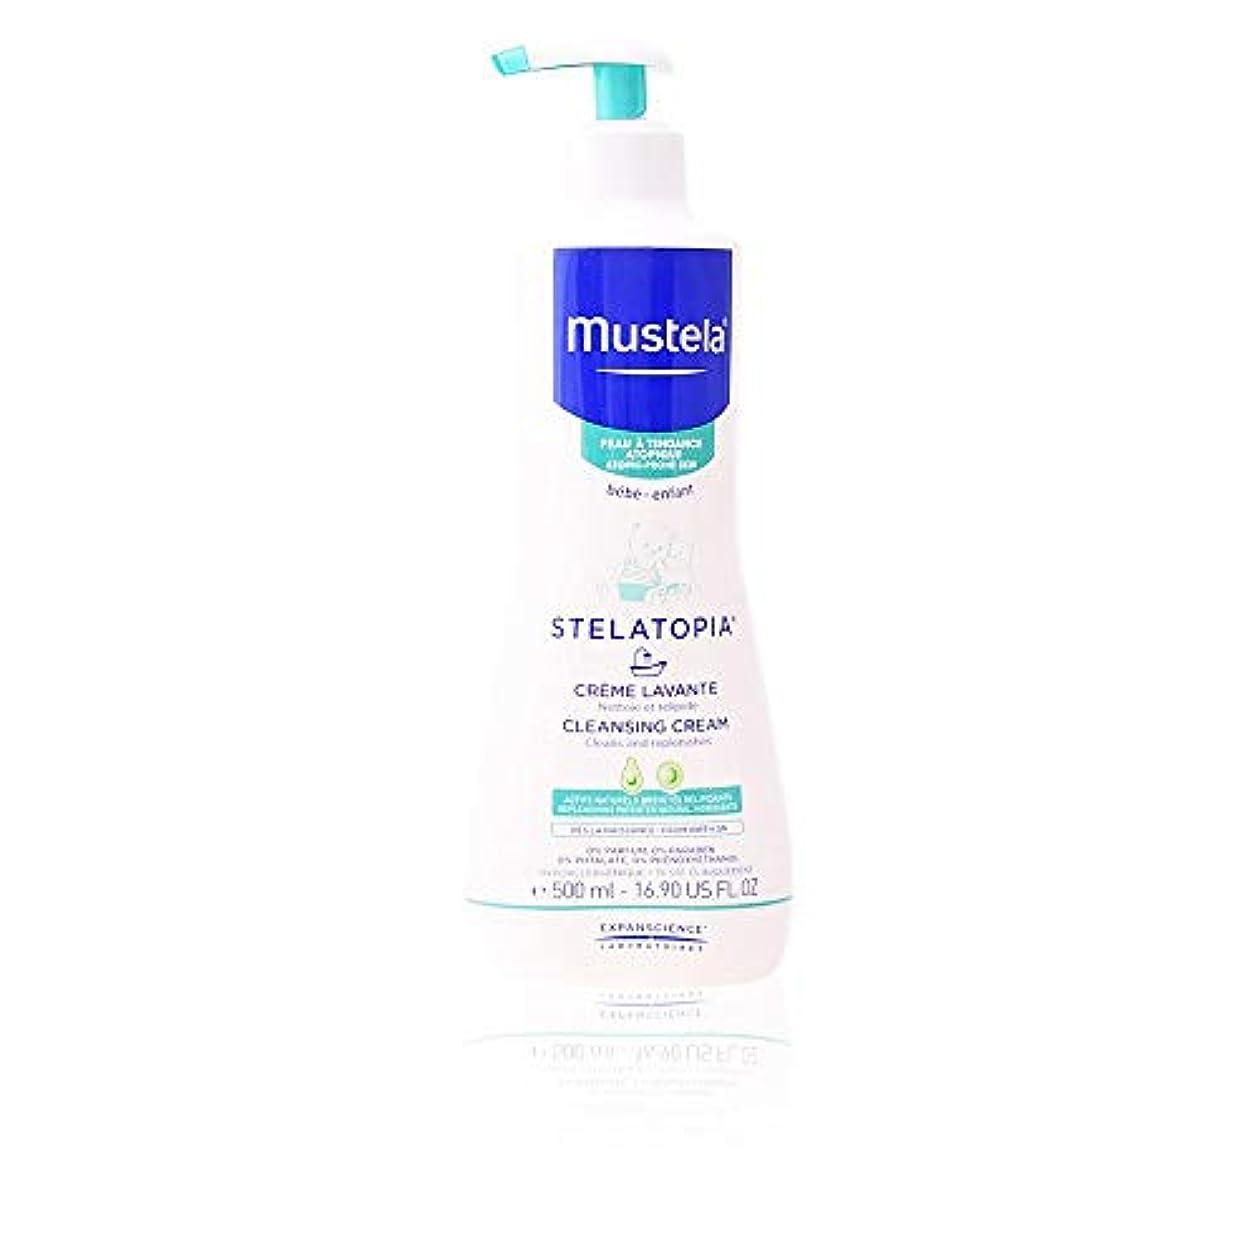 通知ロータリー解くムステラ Stelatopia Cleansing Cream - For Atopic-Prone Skin 500ml/16.9oz並行輸入品